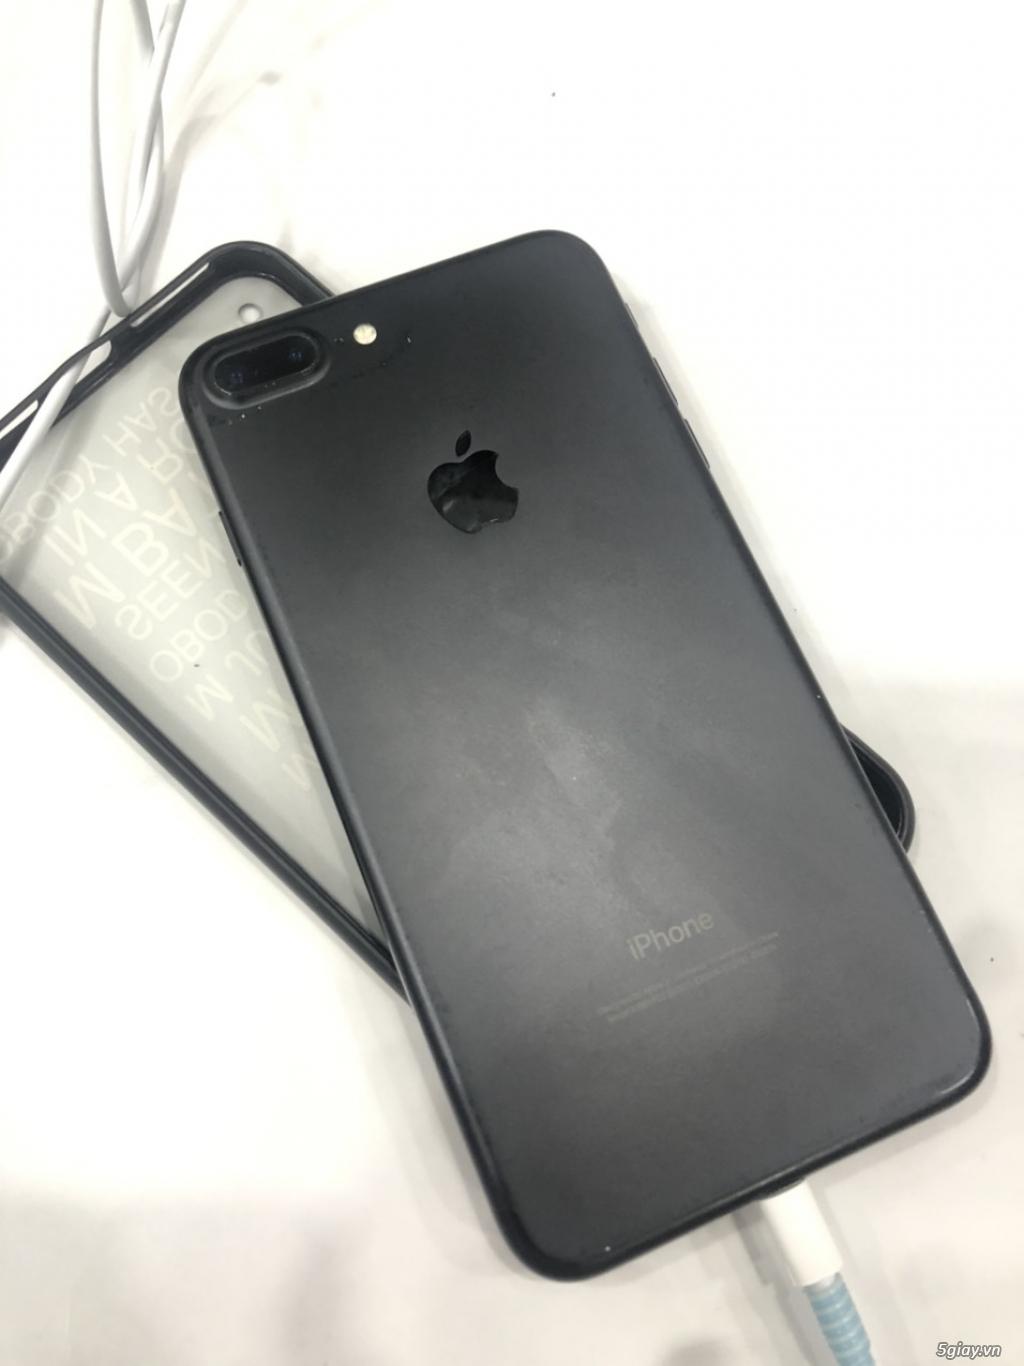 Iphone 7 plus đen 32Gb nguyên zin - máy quốc tế - 2